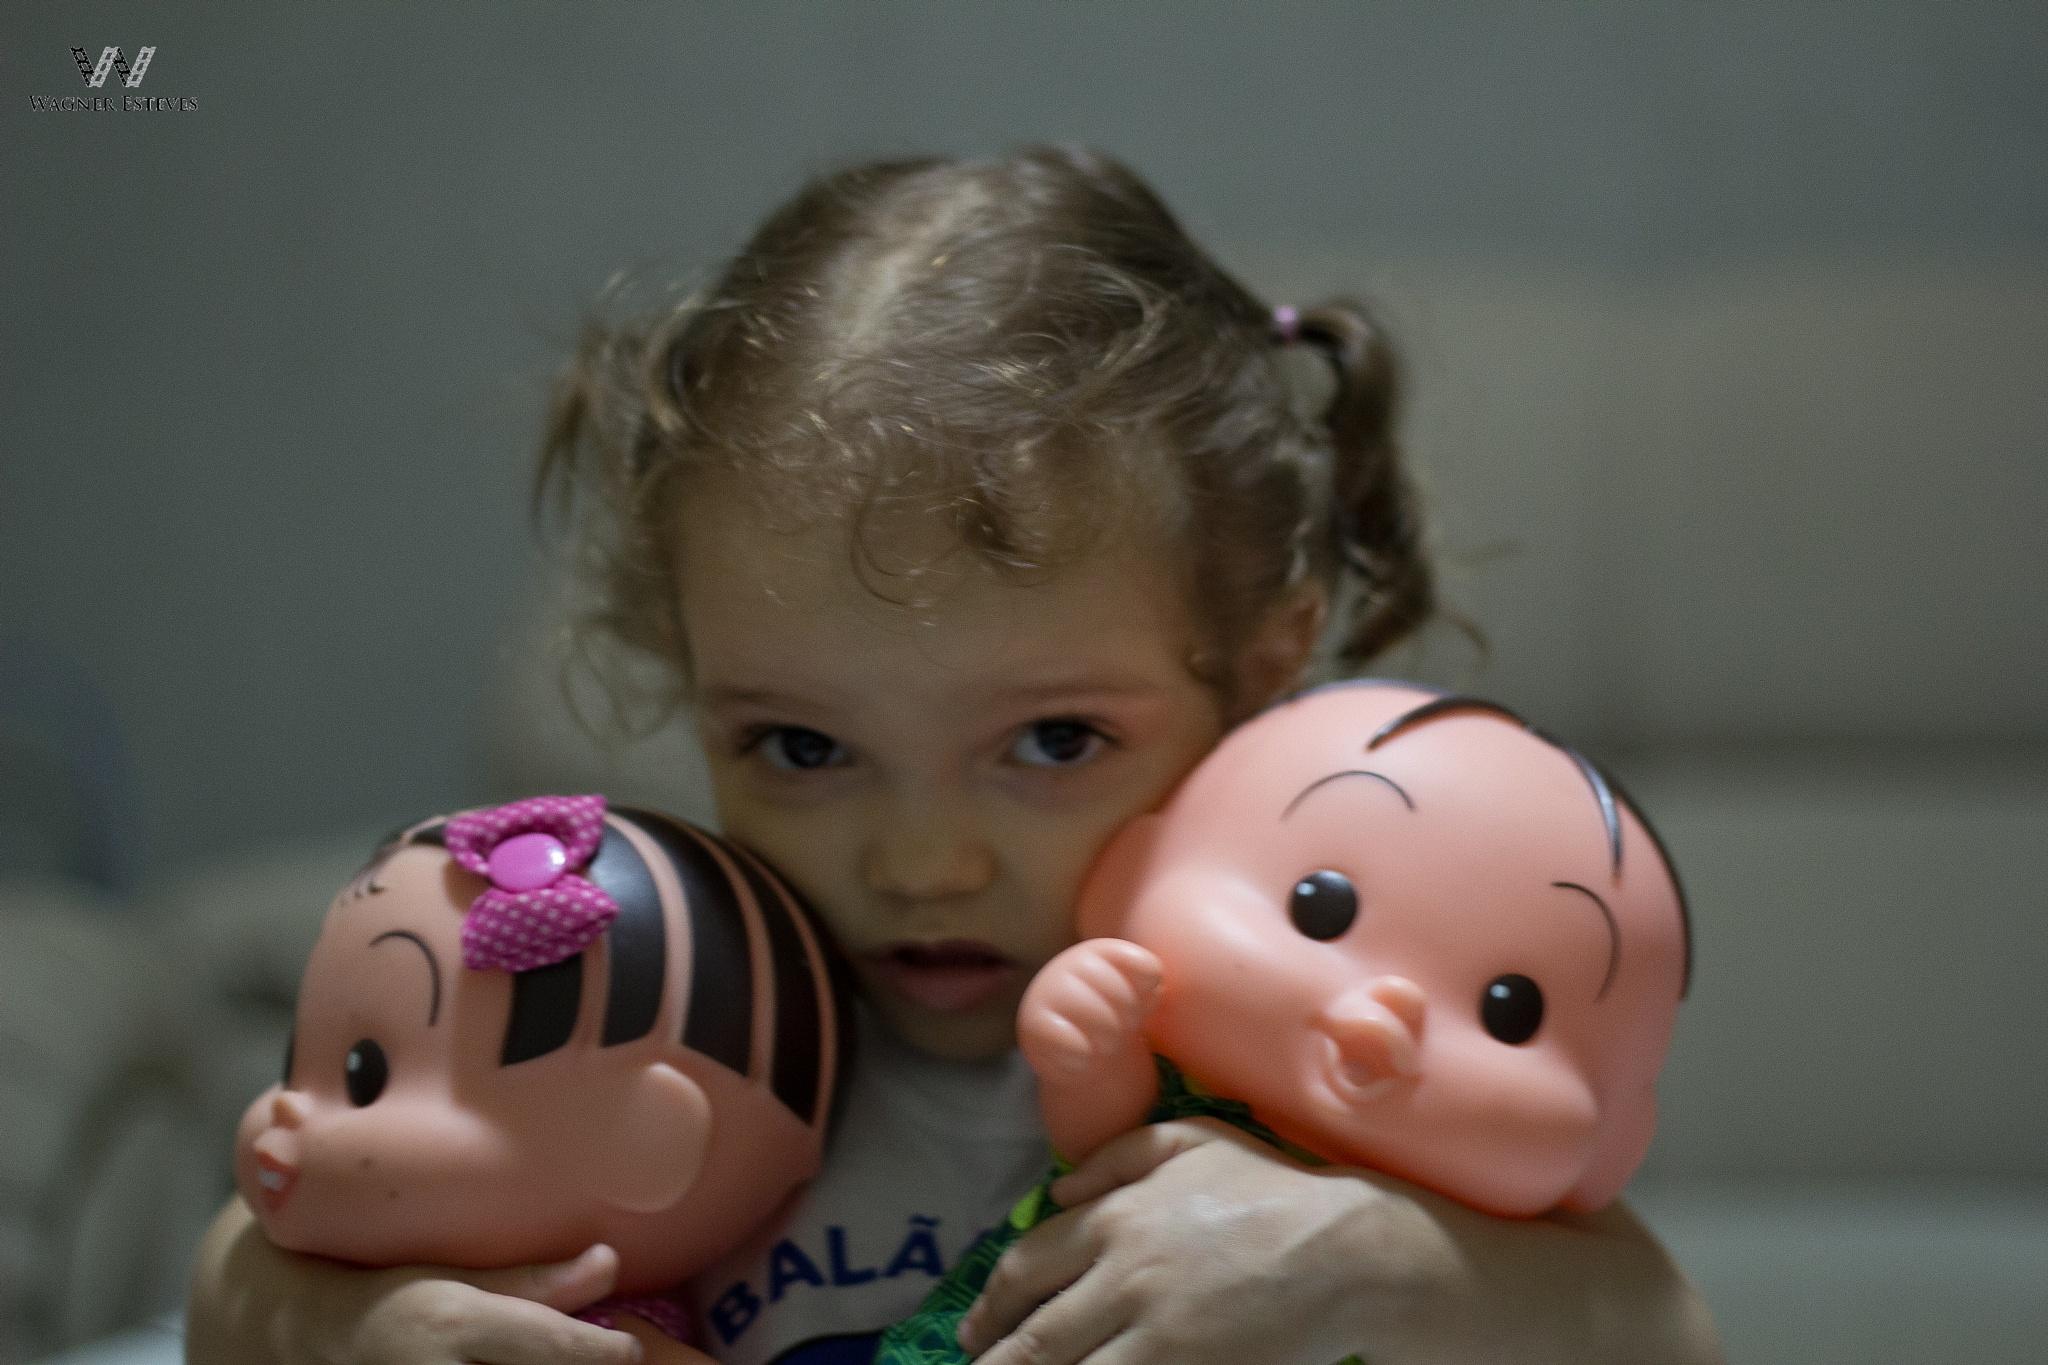 Jeito Criança by Wagner Esteves